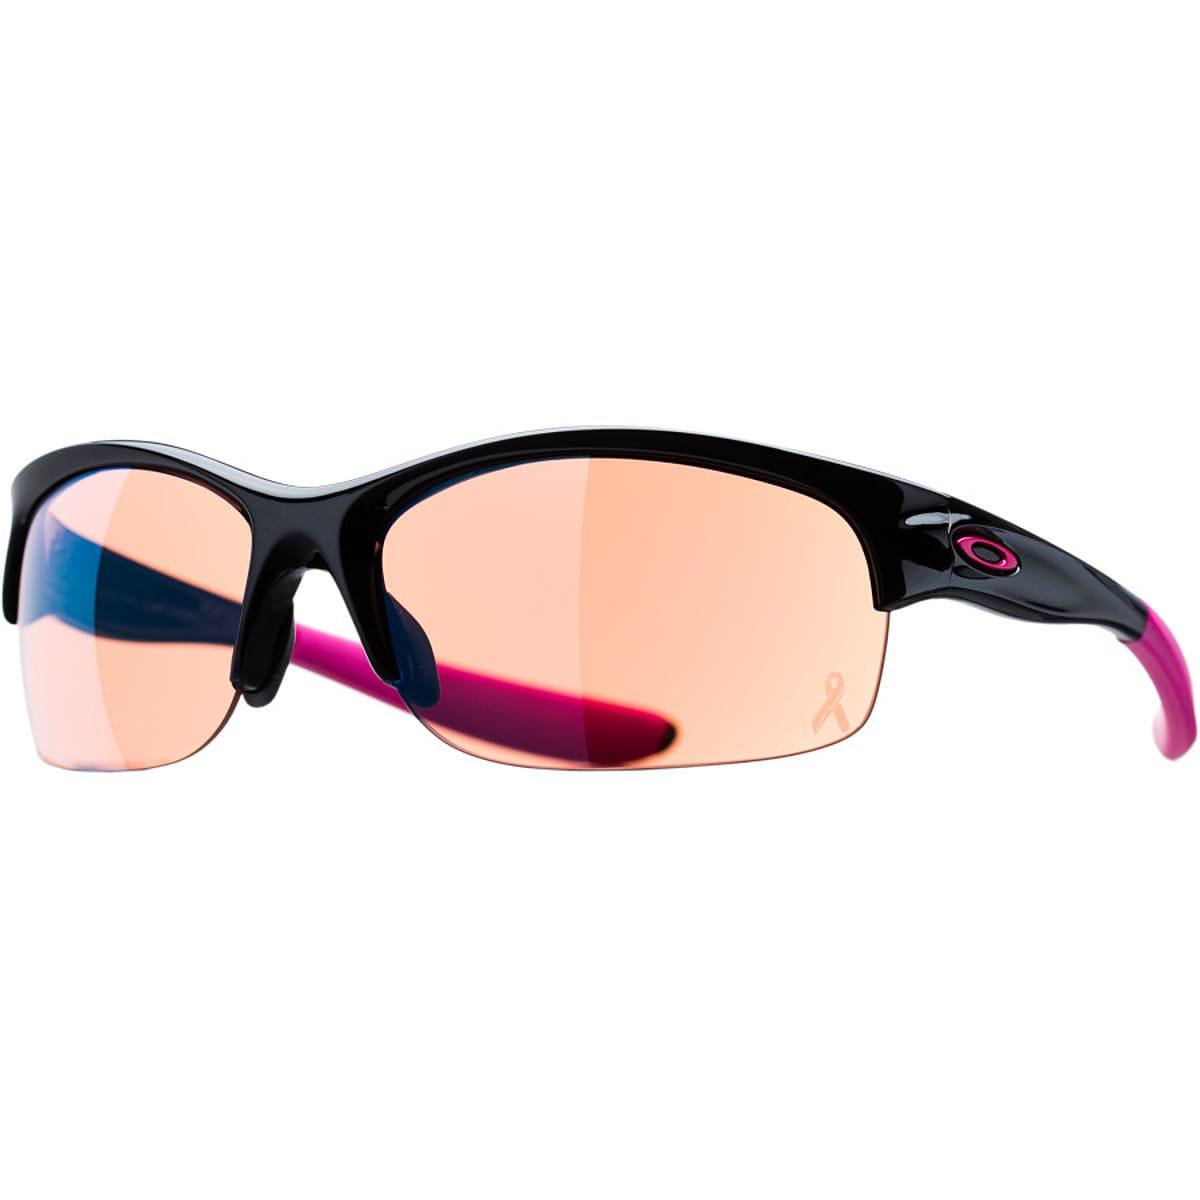 Oakley Commit Sunglasses  oakley ysc commit sq signature women's sunglasses